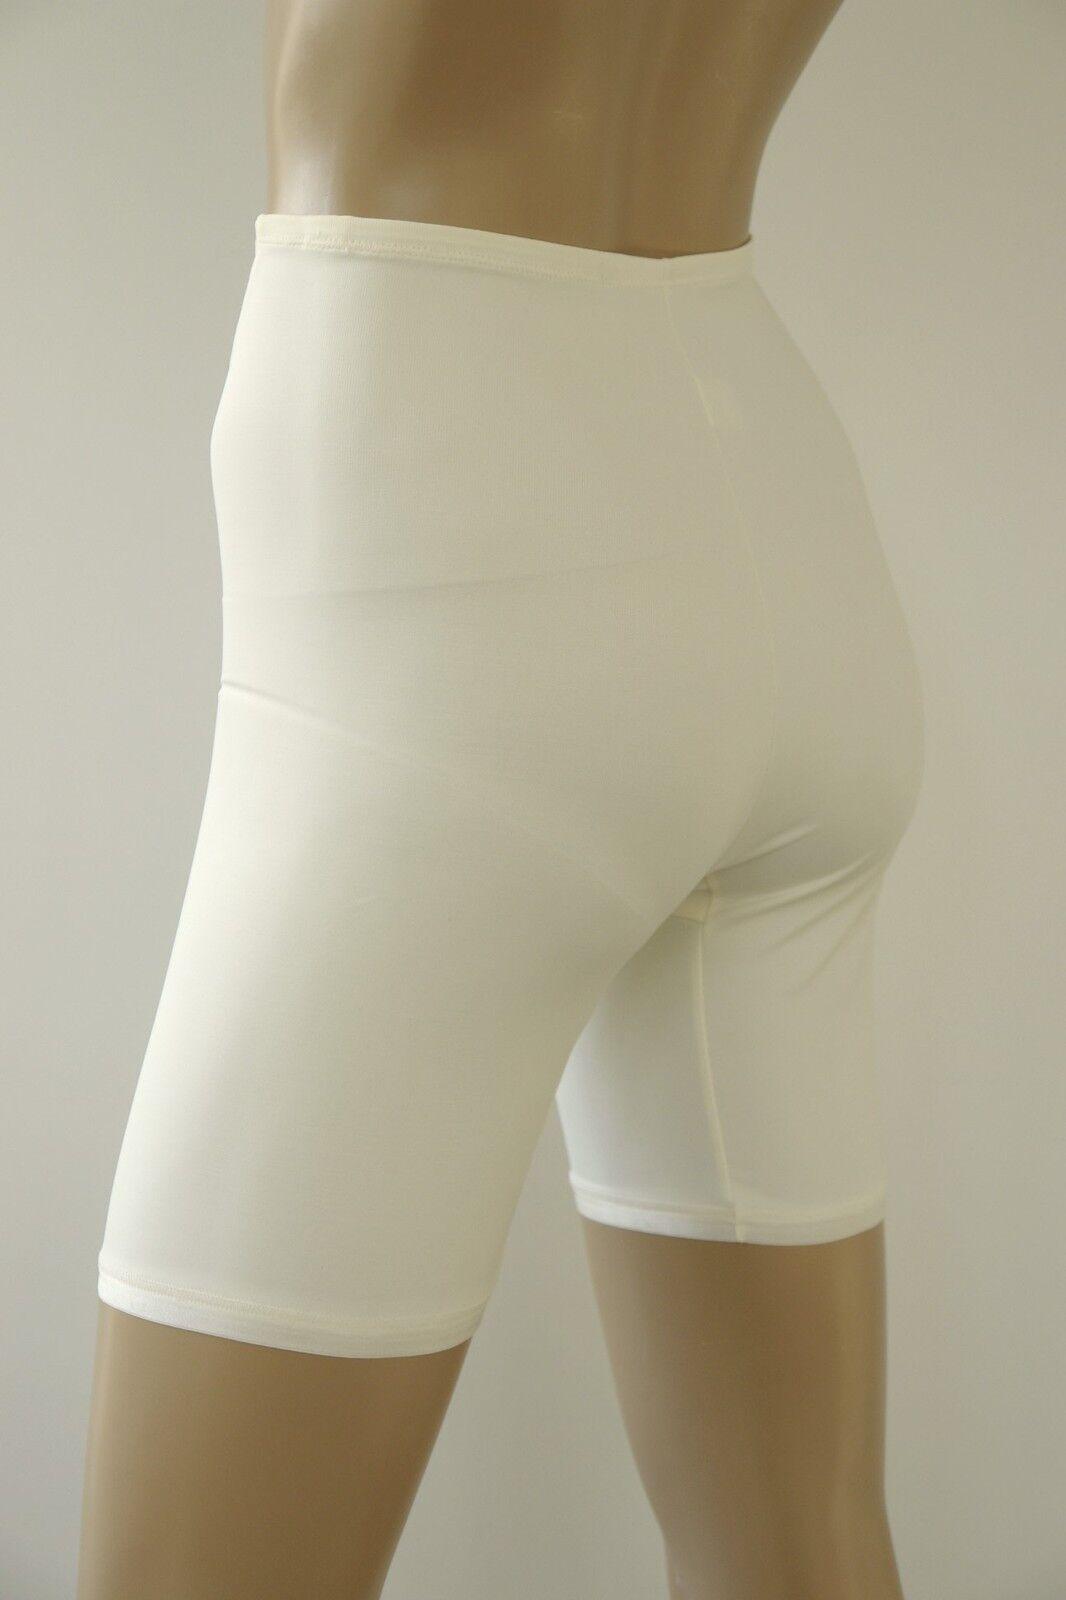 TRIUMPH Chemin * Ventre Chemin TRIUMPH * Shaping Shape pantie L * Élégant Comfort * nouveau avec Étiquette 729605